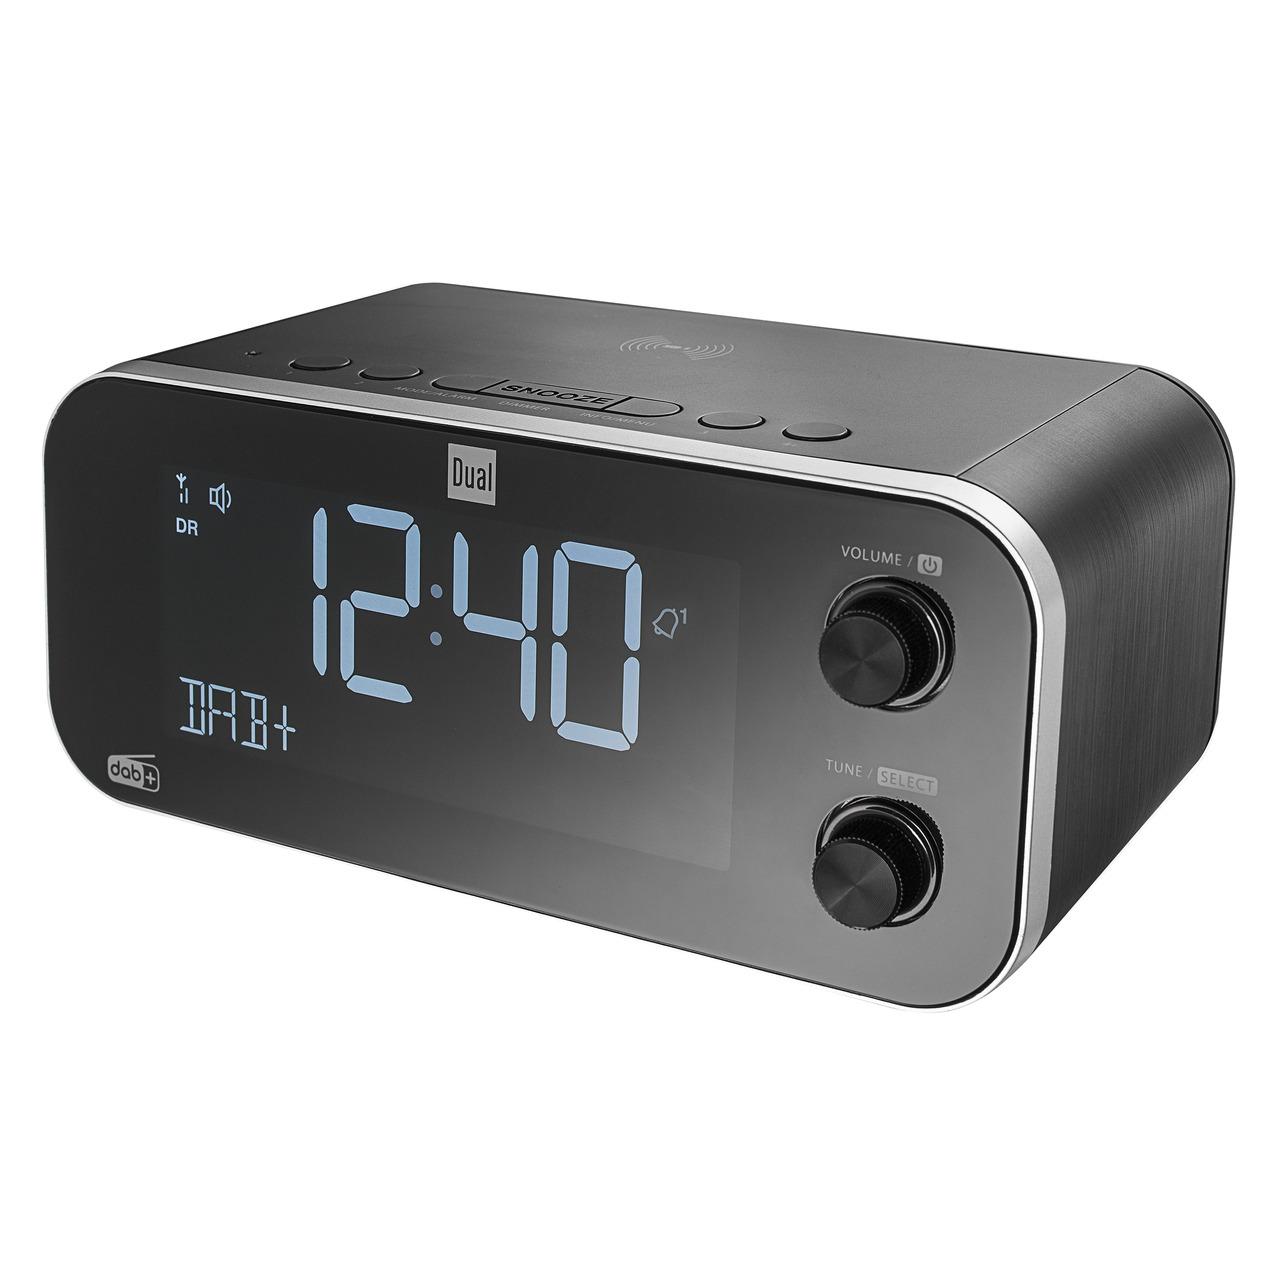 Dual Digitales Uhrenradio DAB CR 30 Black Bird- UKW/DAB+- Induktionsladefunktion